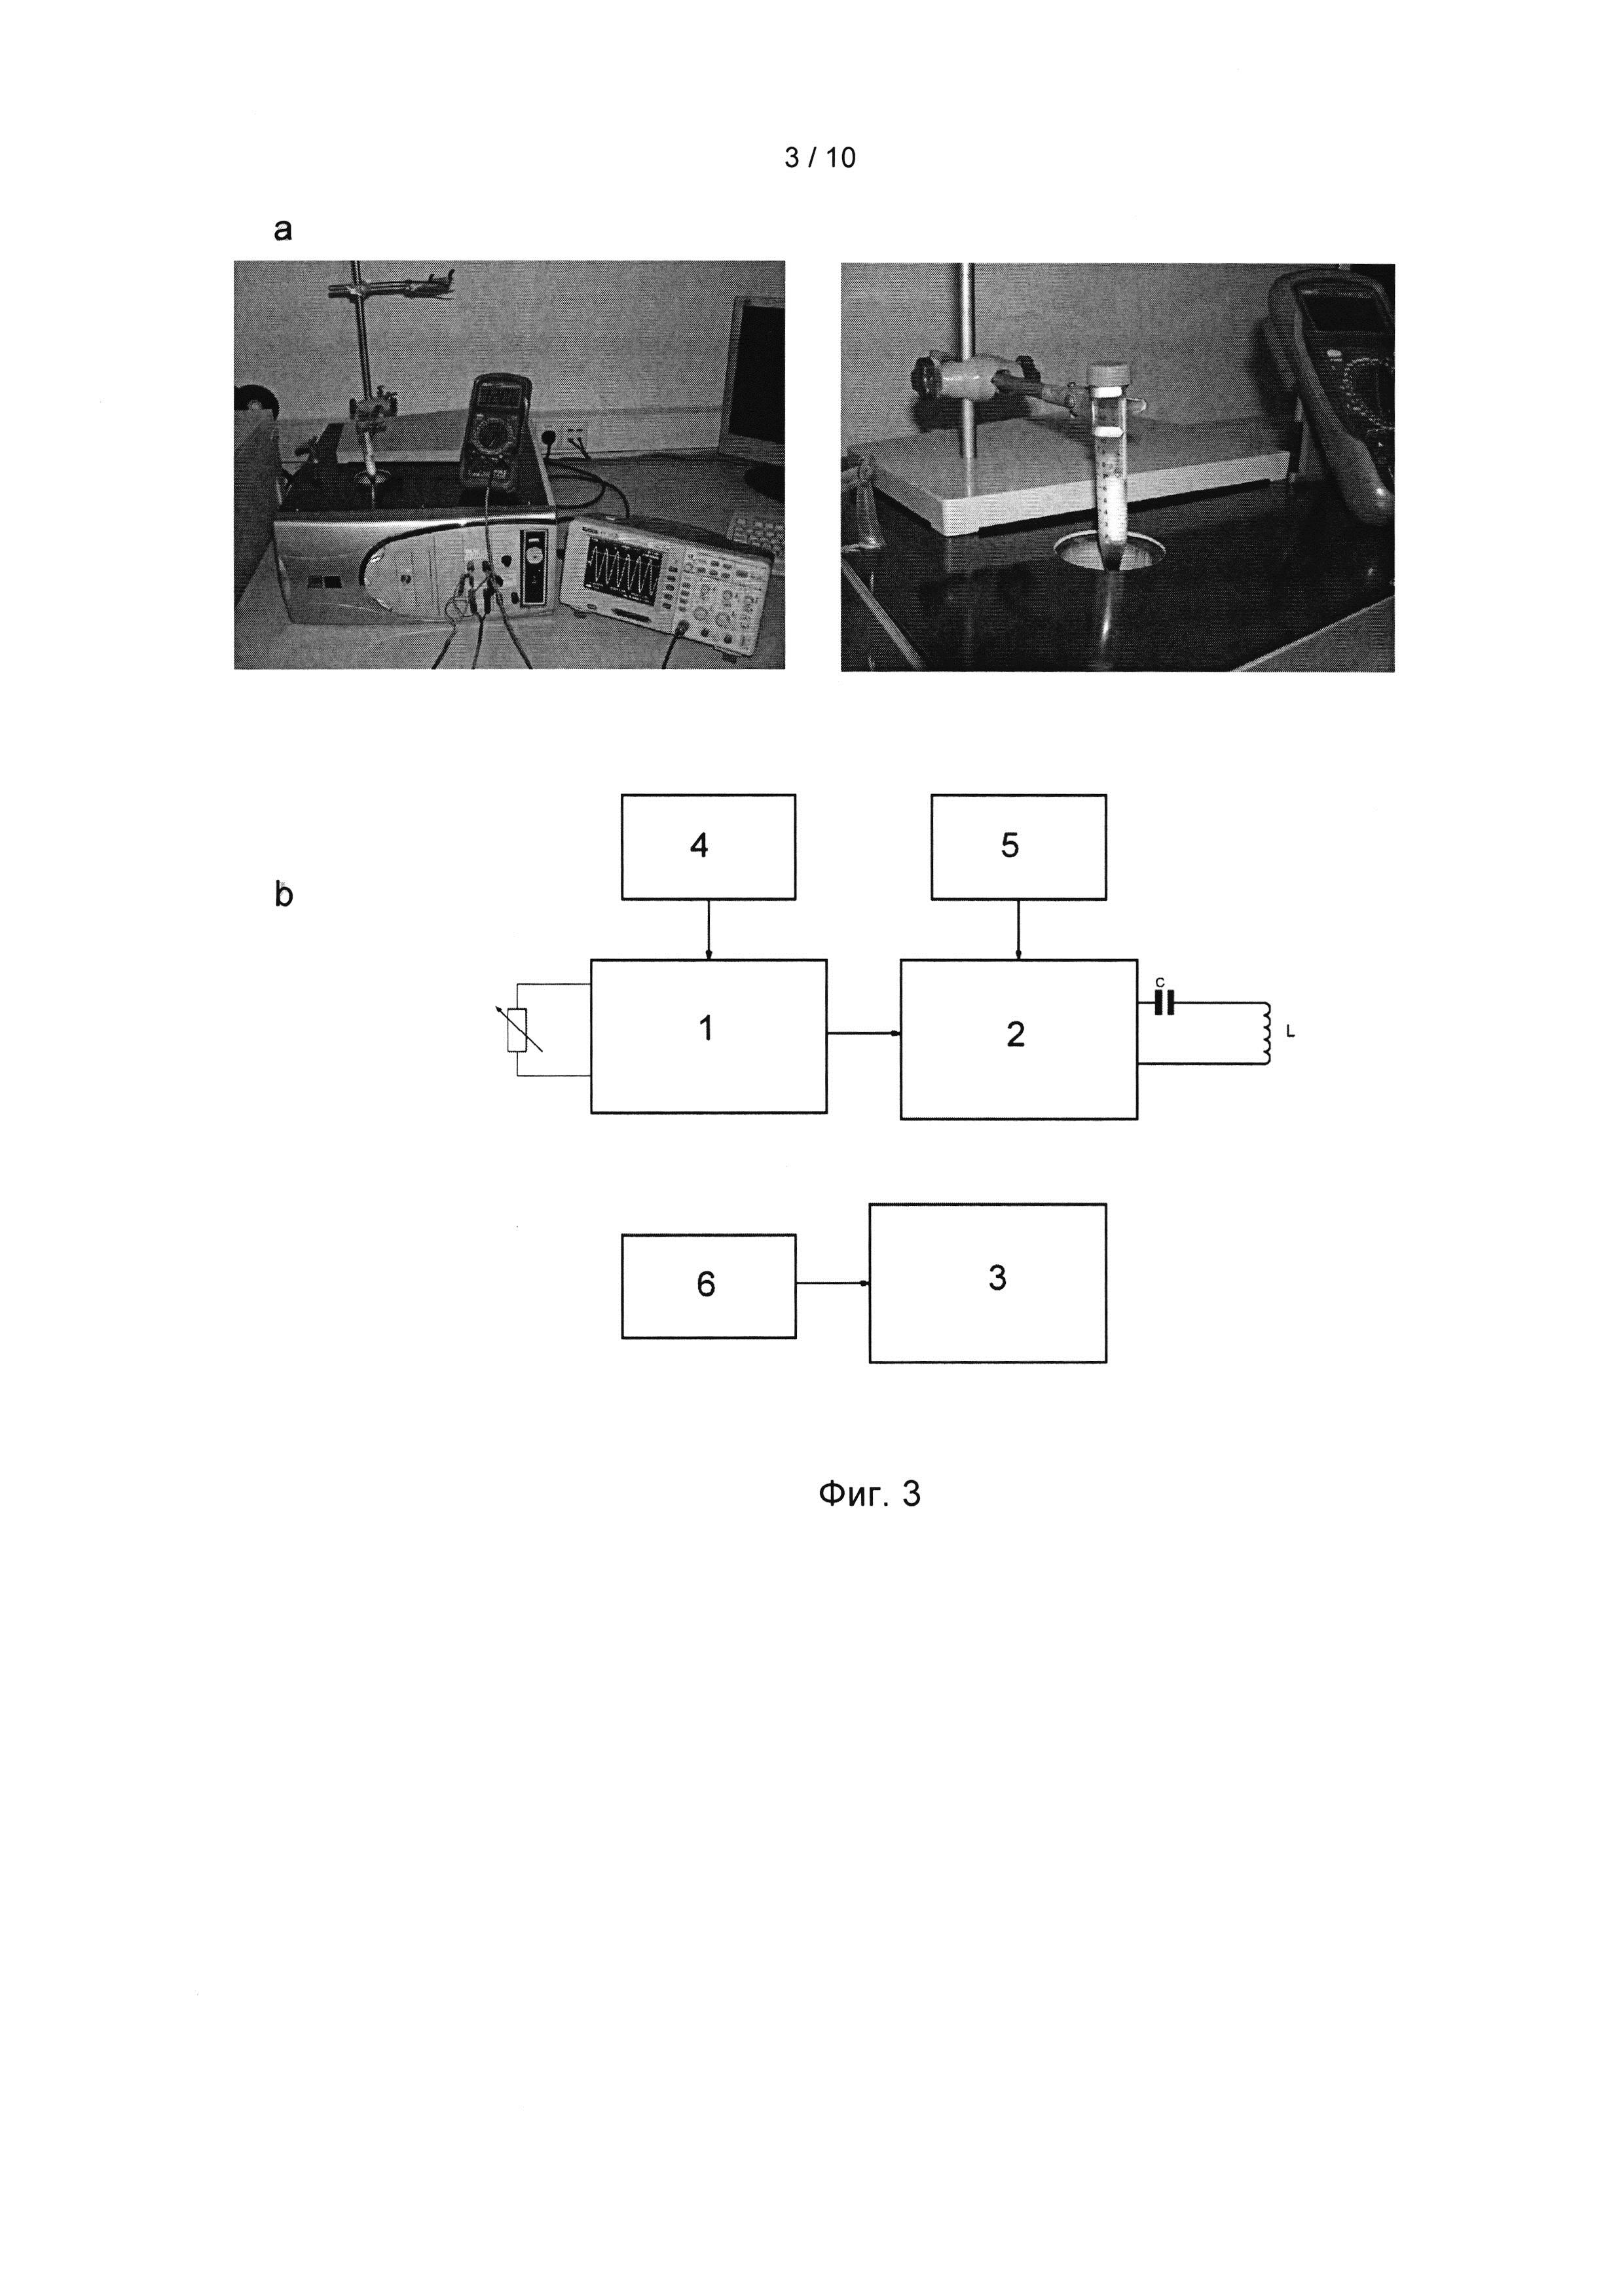 Способ лечения злокачественных новообразований с помощью магнитной гипертермии и фармацевтические композиции для применения в указанном способе